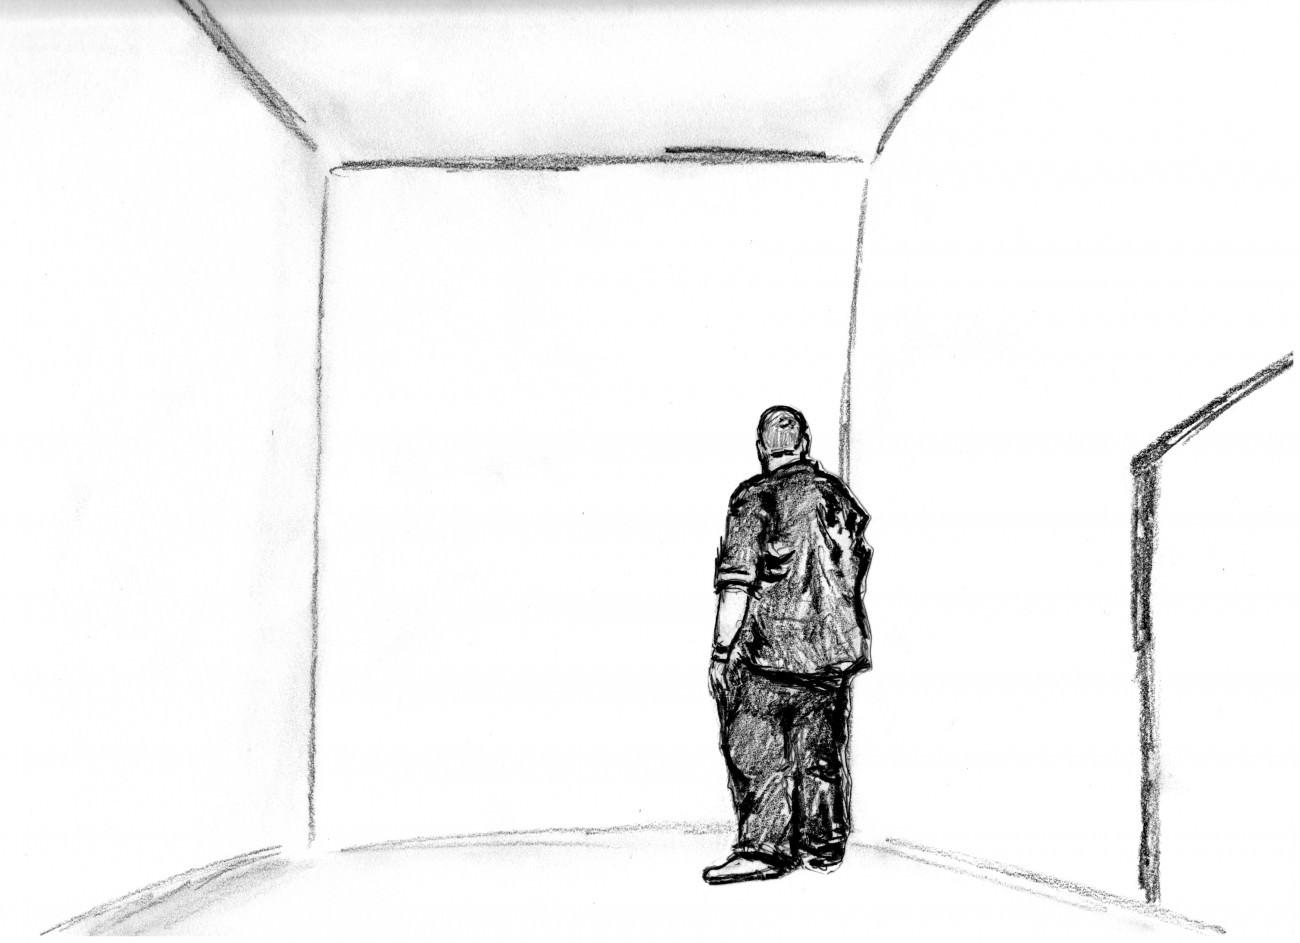 Steve Giasson. Performance invisible n° 20 (Imaginer une pièce vide). Performeurs : Daniel Roy et Steve Giasson. Dessin : Daniel Roy et Steve Giasson. 7 septembre 2015.